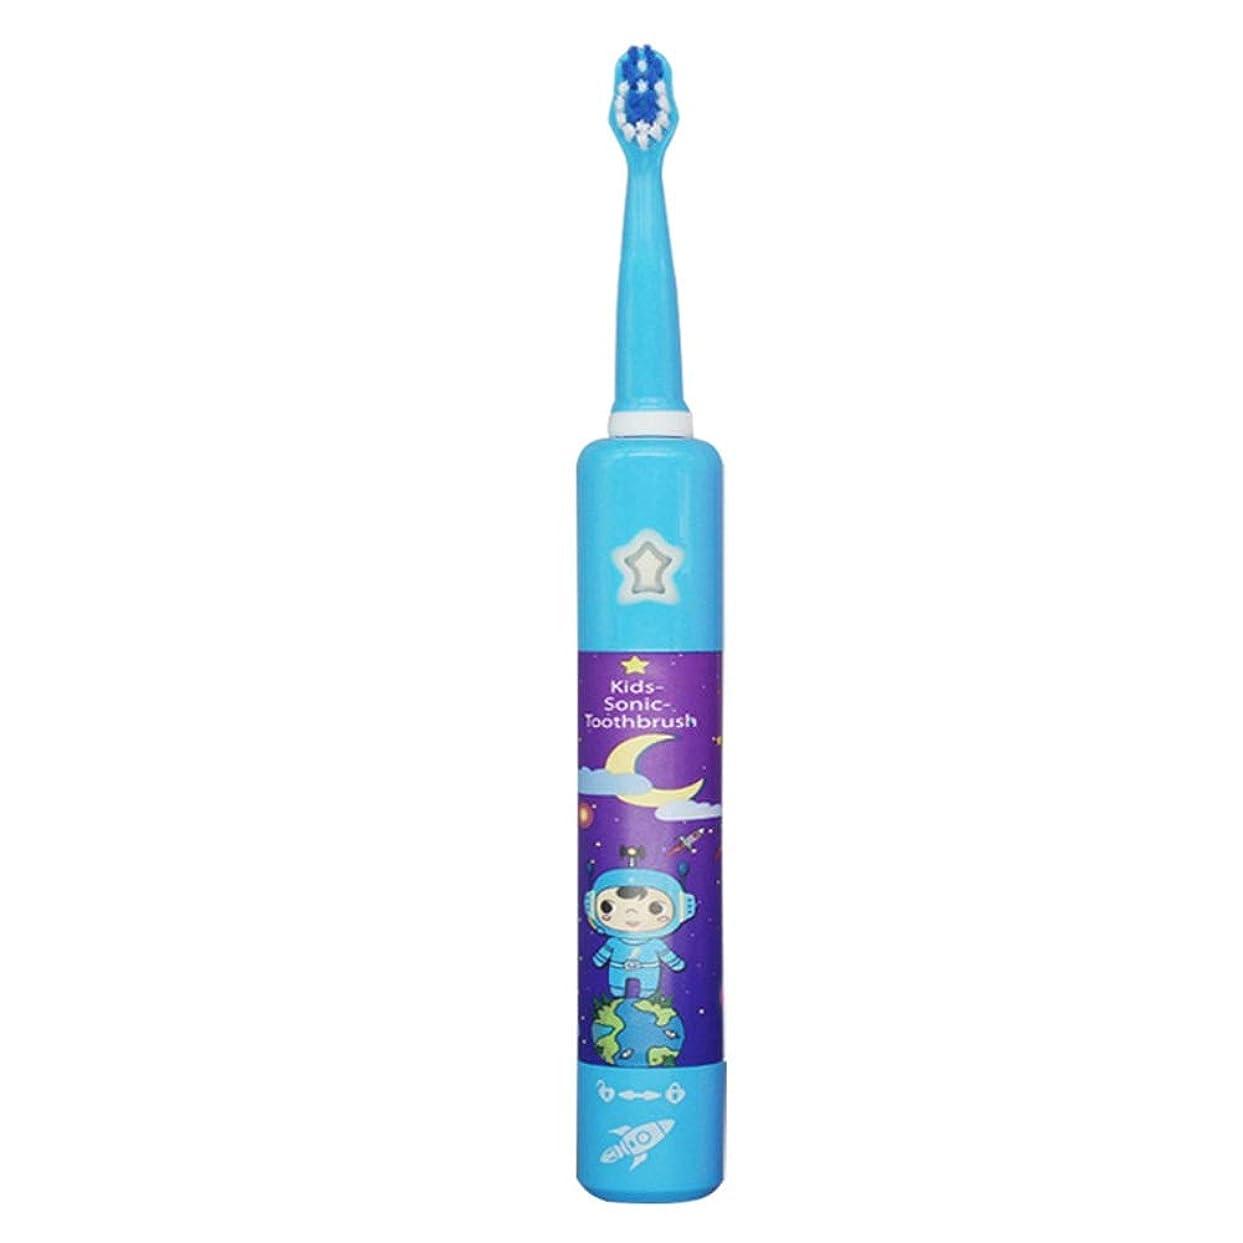 若い航空便決済子供の電気USB充電式歯ブラシかわいい柔らかい髪音楽歯ブラシホルダーと1つの交換用ヘッド (色 : 青, サイズ : Free size)